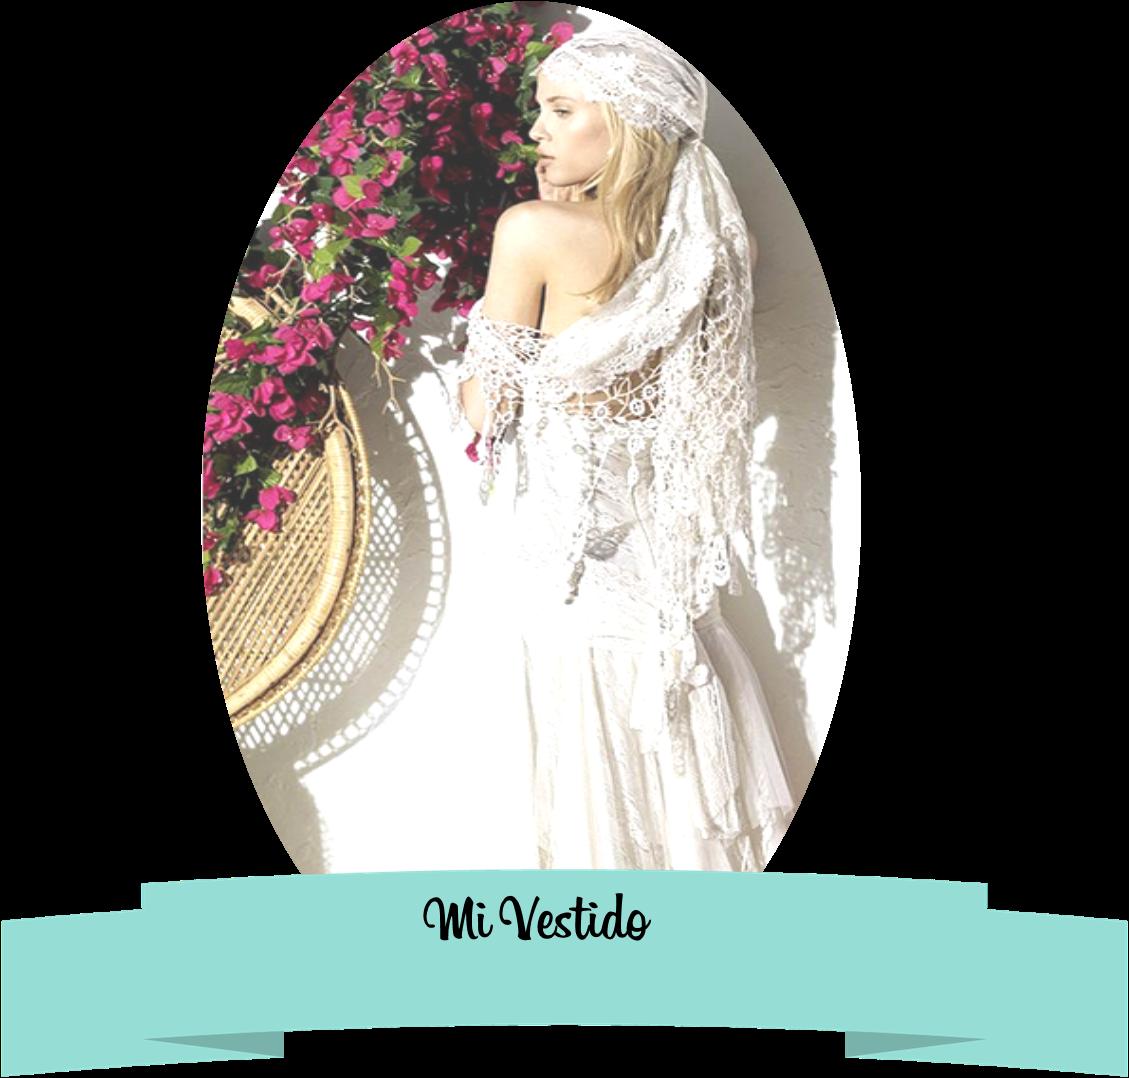 vestido-de-novia-estilo-vintage-ibicenco